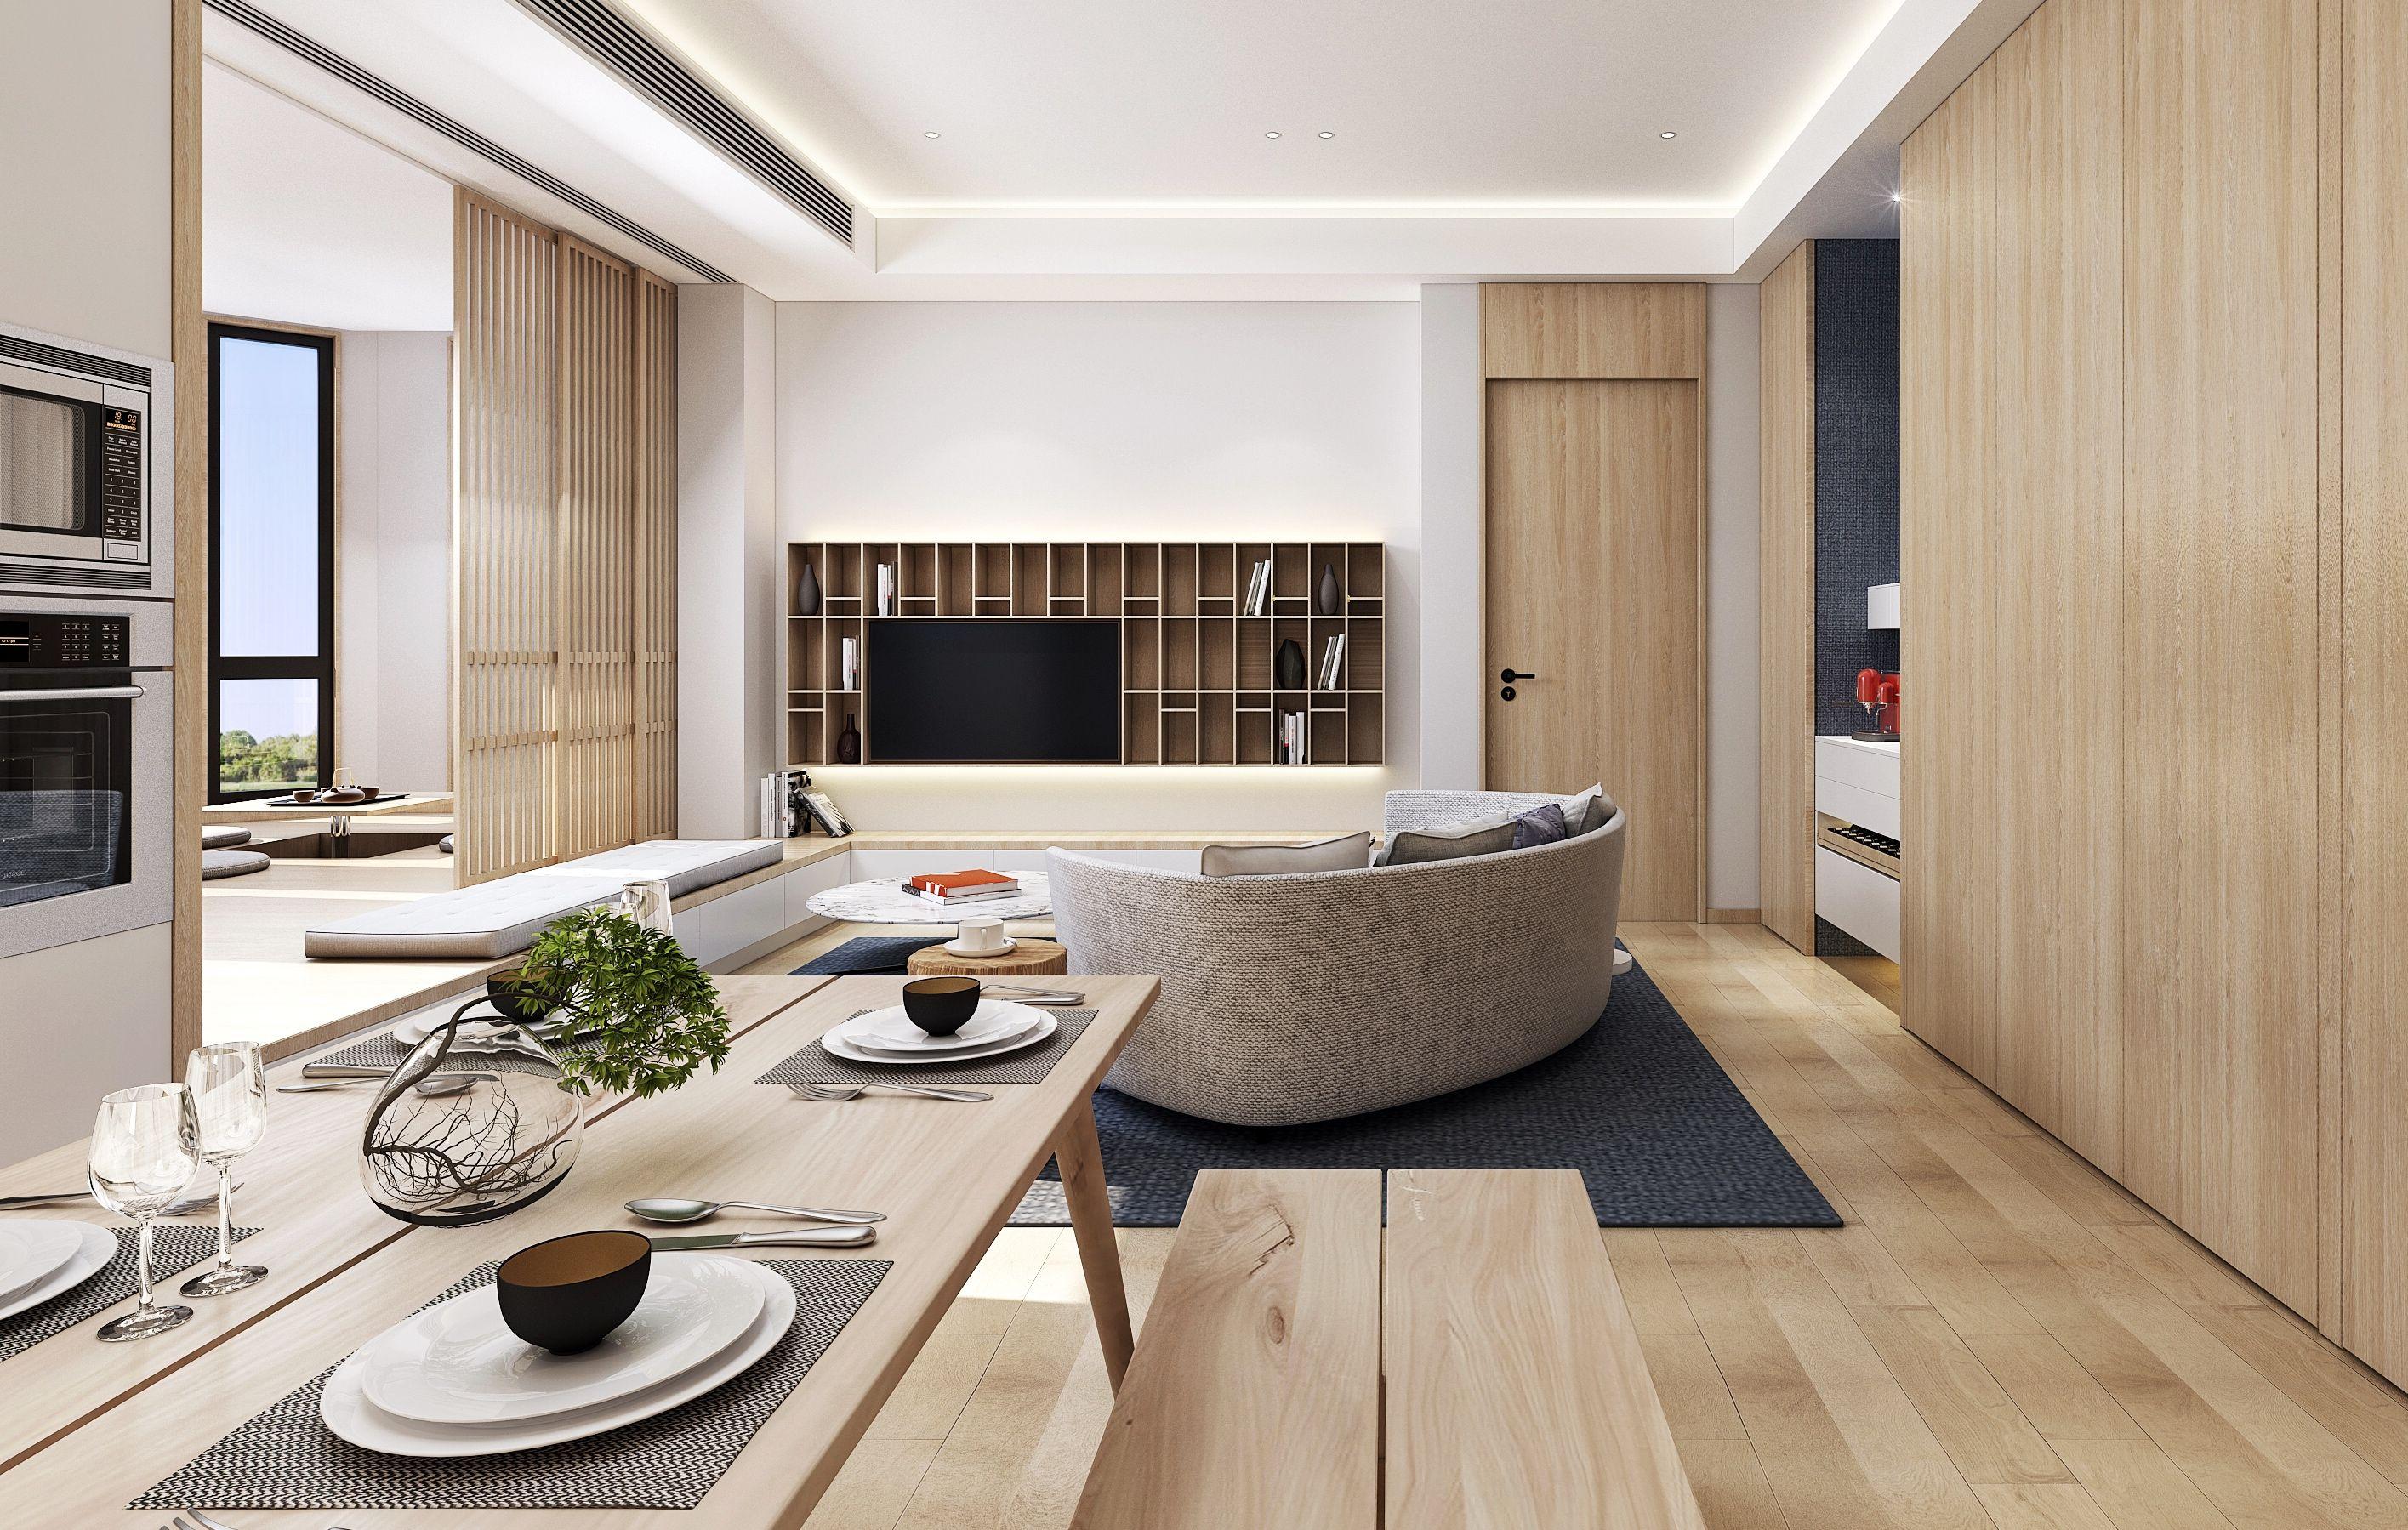 pineleven zhou on suyili design  japanese living